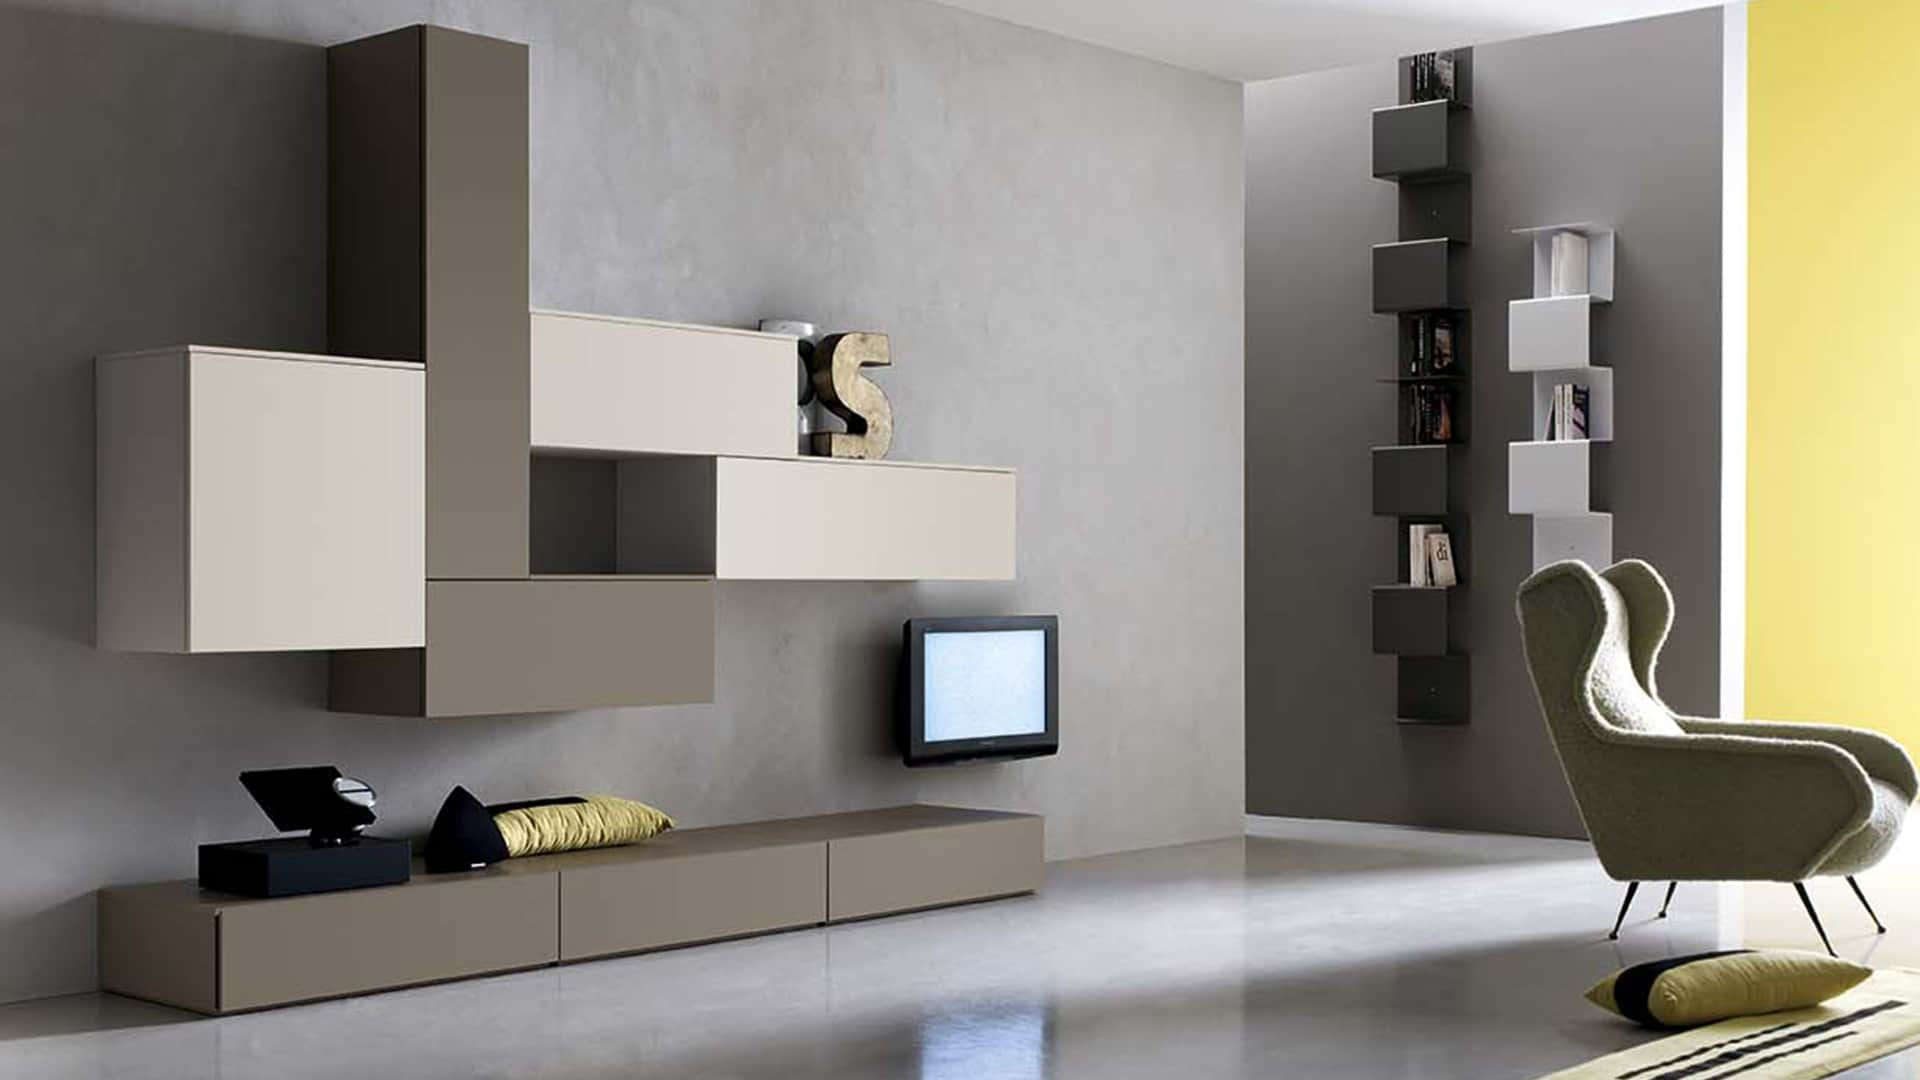 Vendita di mobili per soggiorno a padova mobili da for Mobili da soggiorno moderni